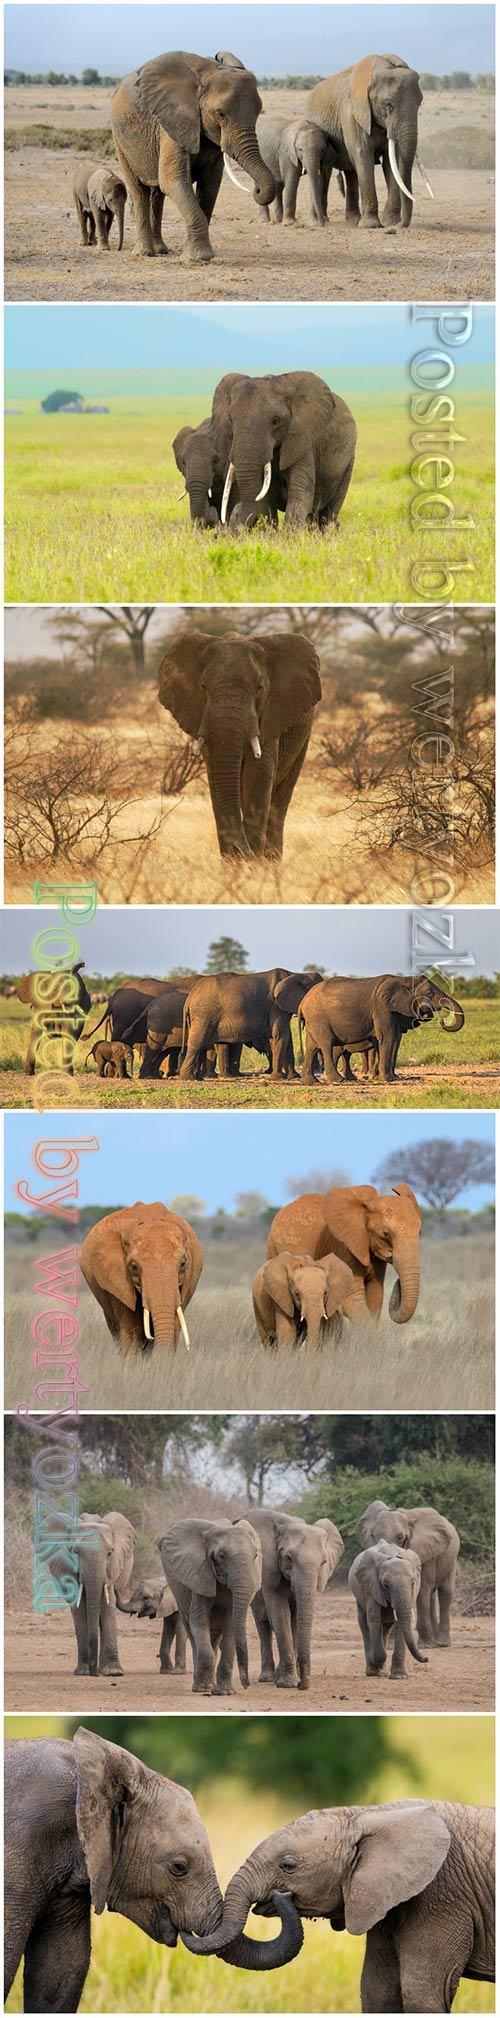 African elephants beautiful stock photo